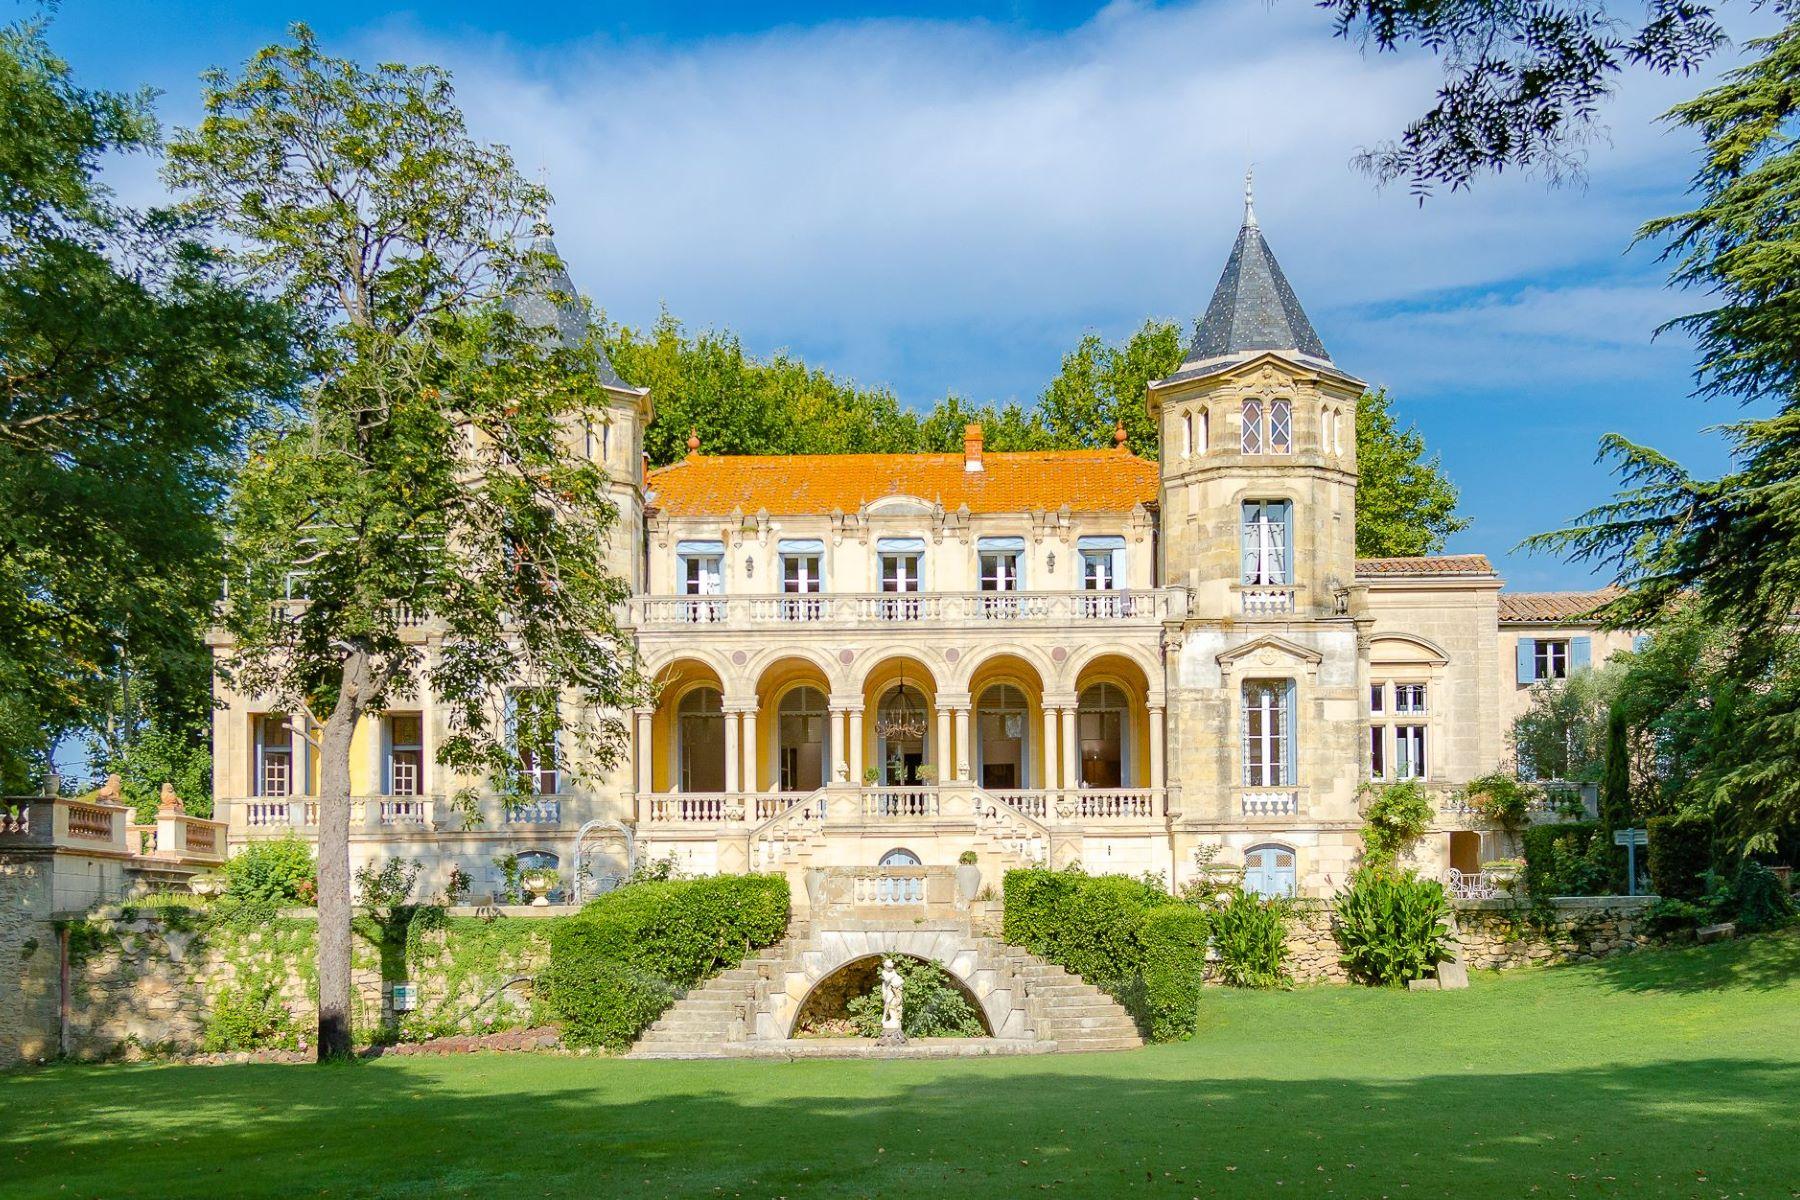 single family homes for Sale at PEZENAS - CHÂTEAU RENAISSANCE ITALIENNE Pezenas, Languedoc-Roussillon 34120 France